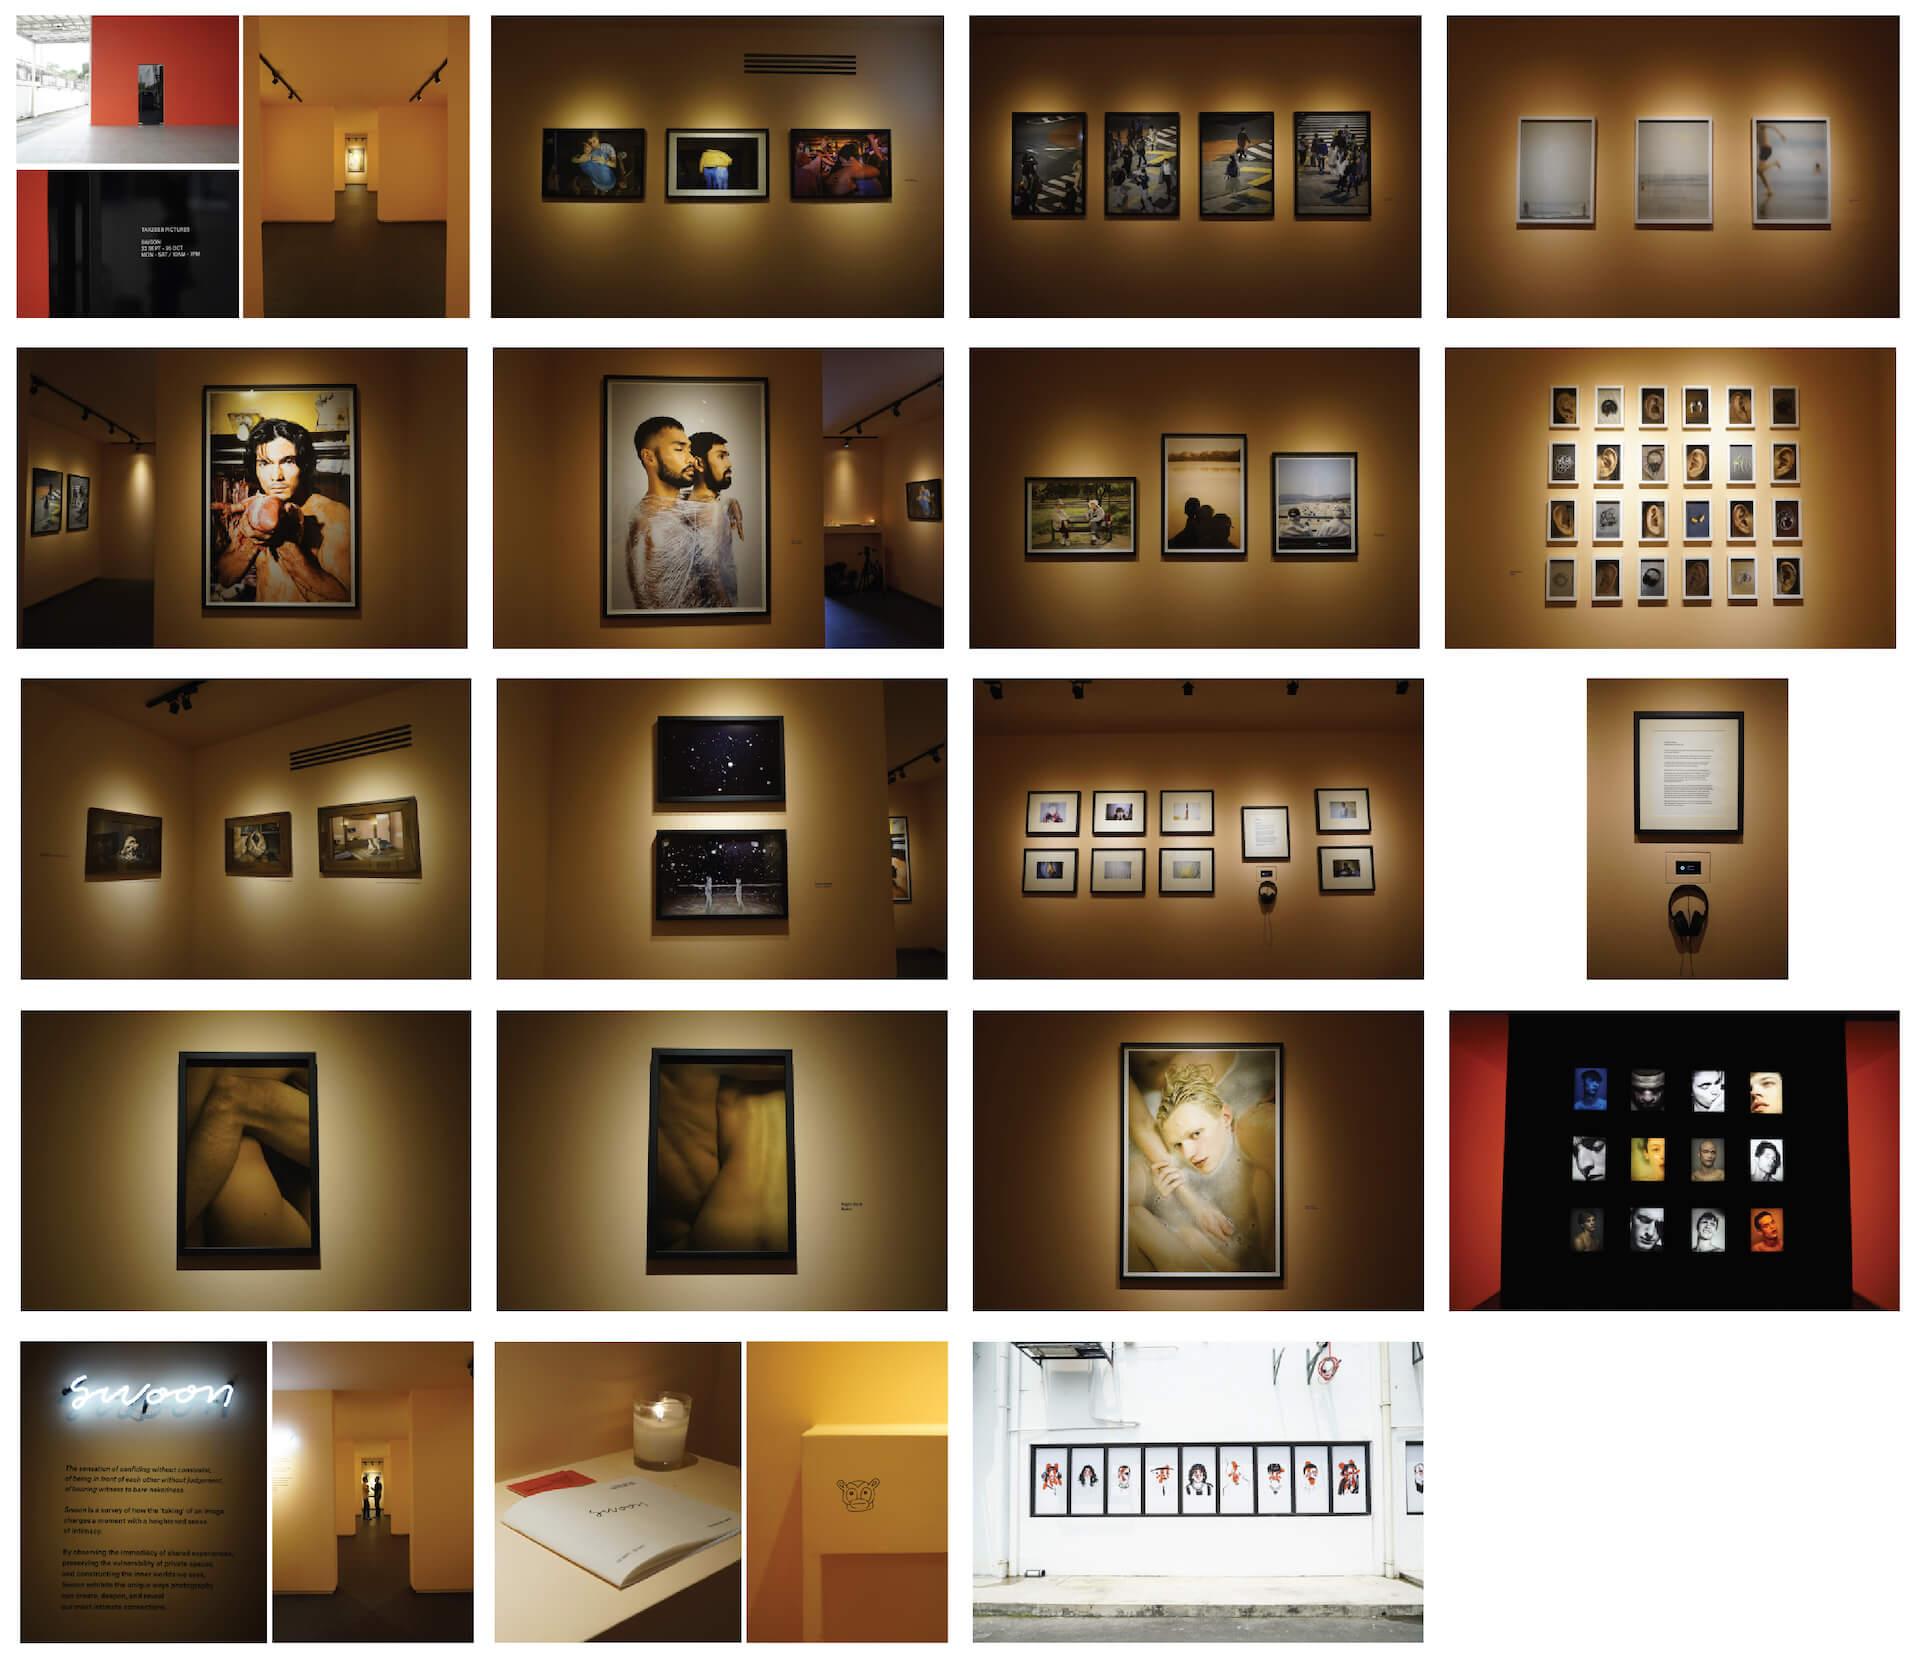 Art on display at Tarzeer Pictures' Swoon exhibit